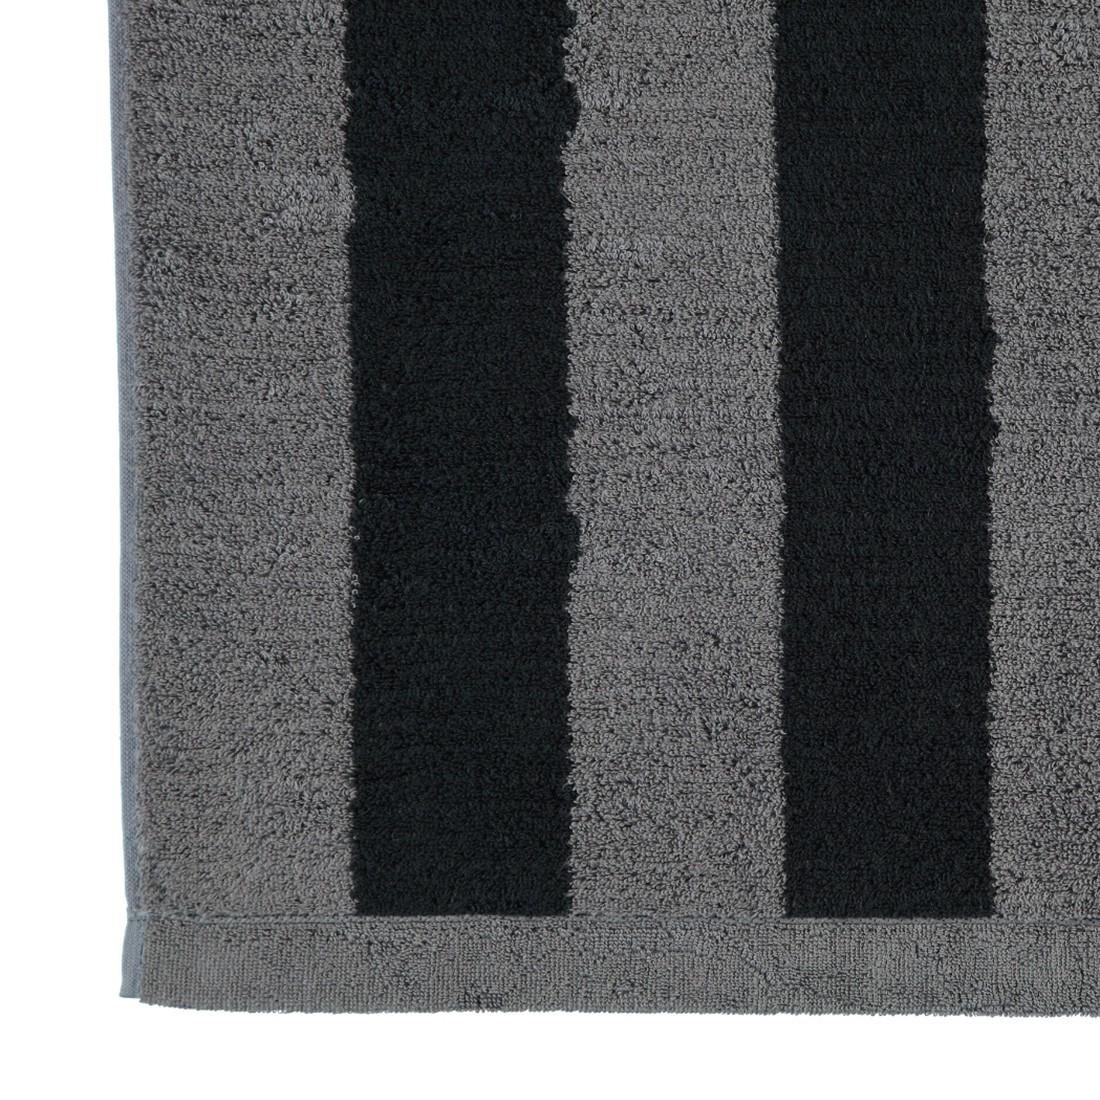 Handtücher Contour Blockstreifen 8081 – Baumwolle – Anthrazit – Handtuch 50×100 cm, Cawö günstig bestellen